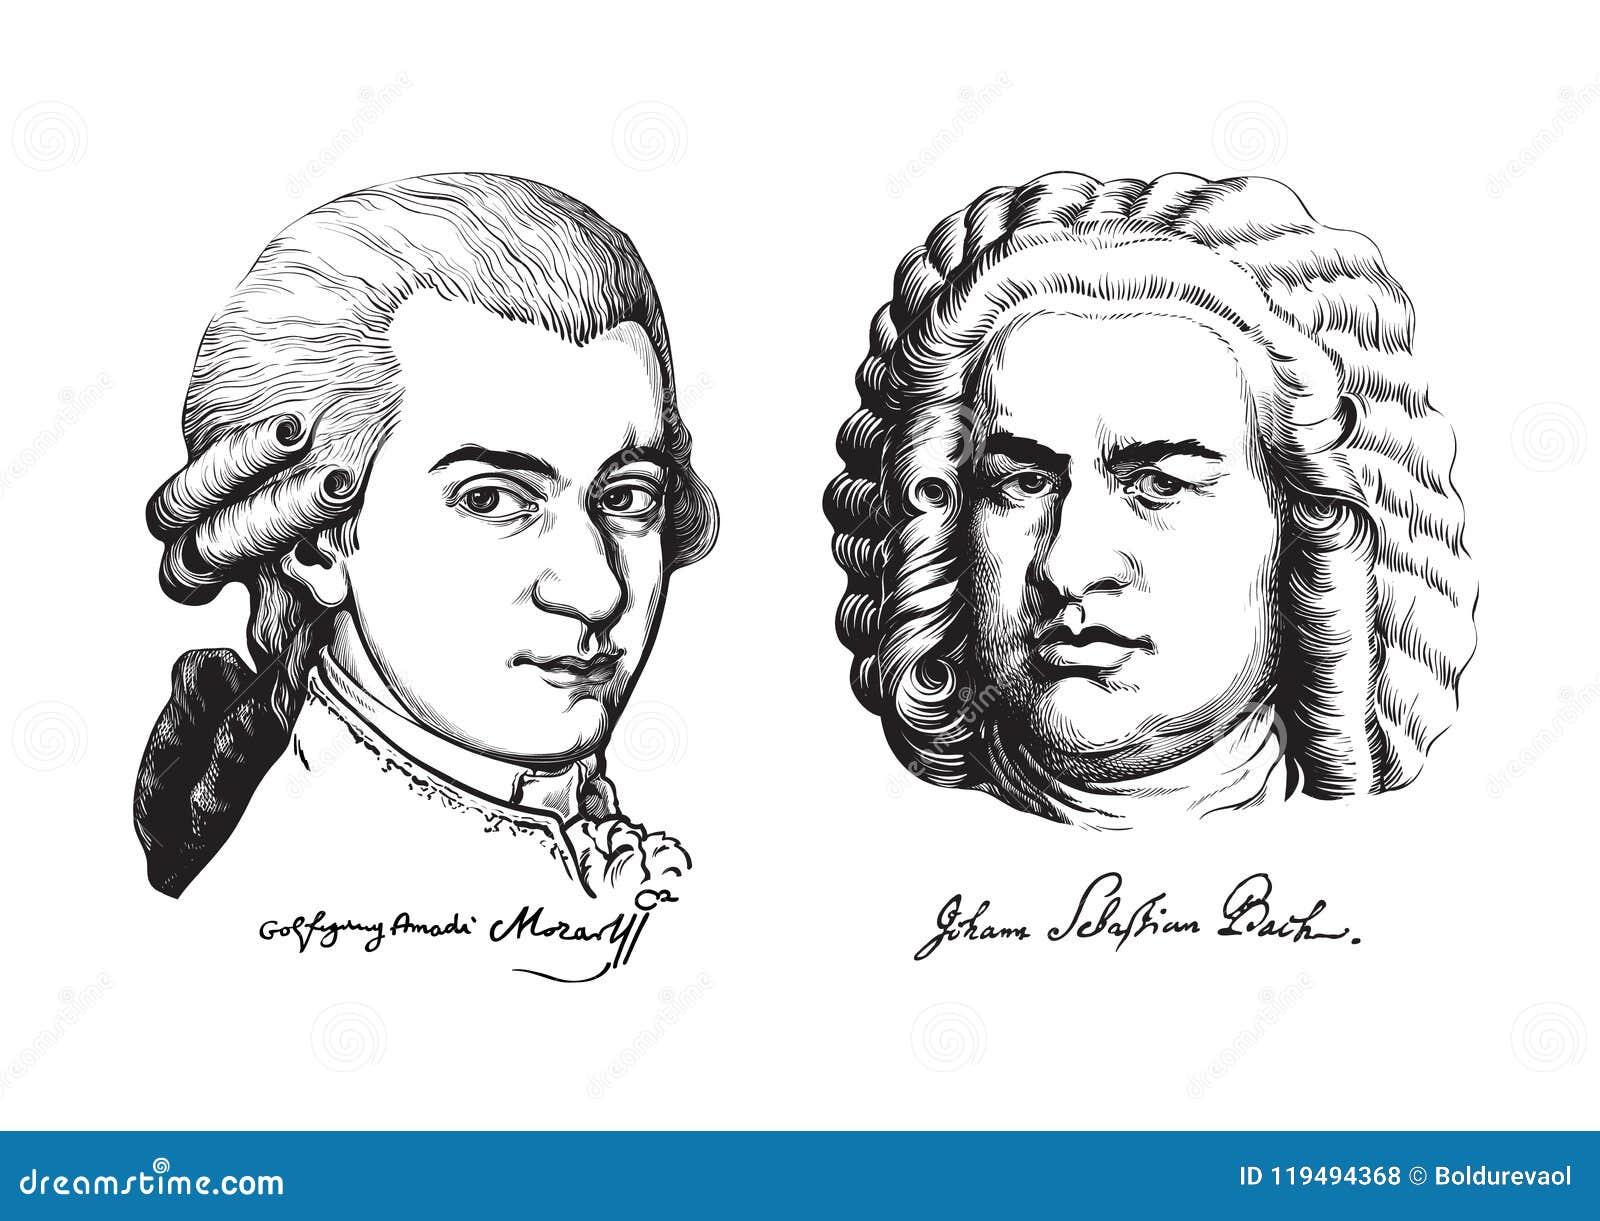 Βόλφγκανγκ Αμαντέους Μότσαρτ και Johann Sebastian Bach διάνυσμα